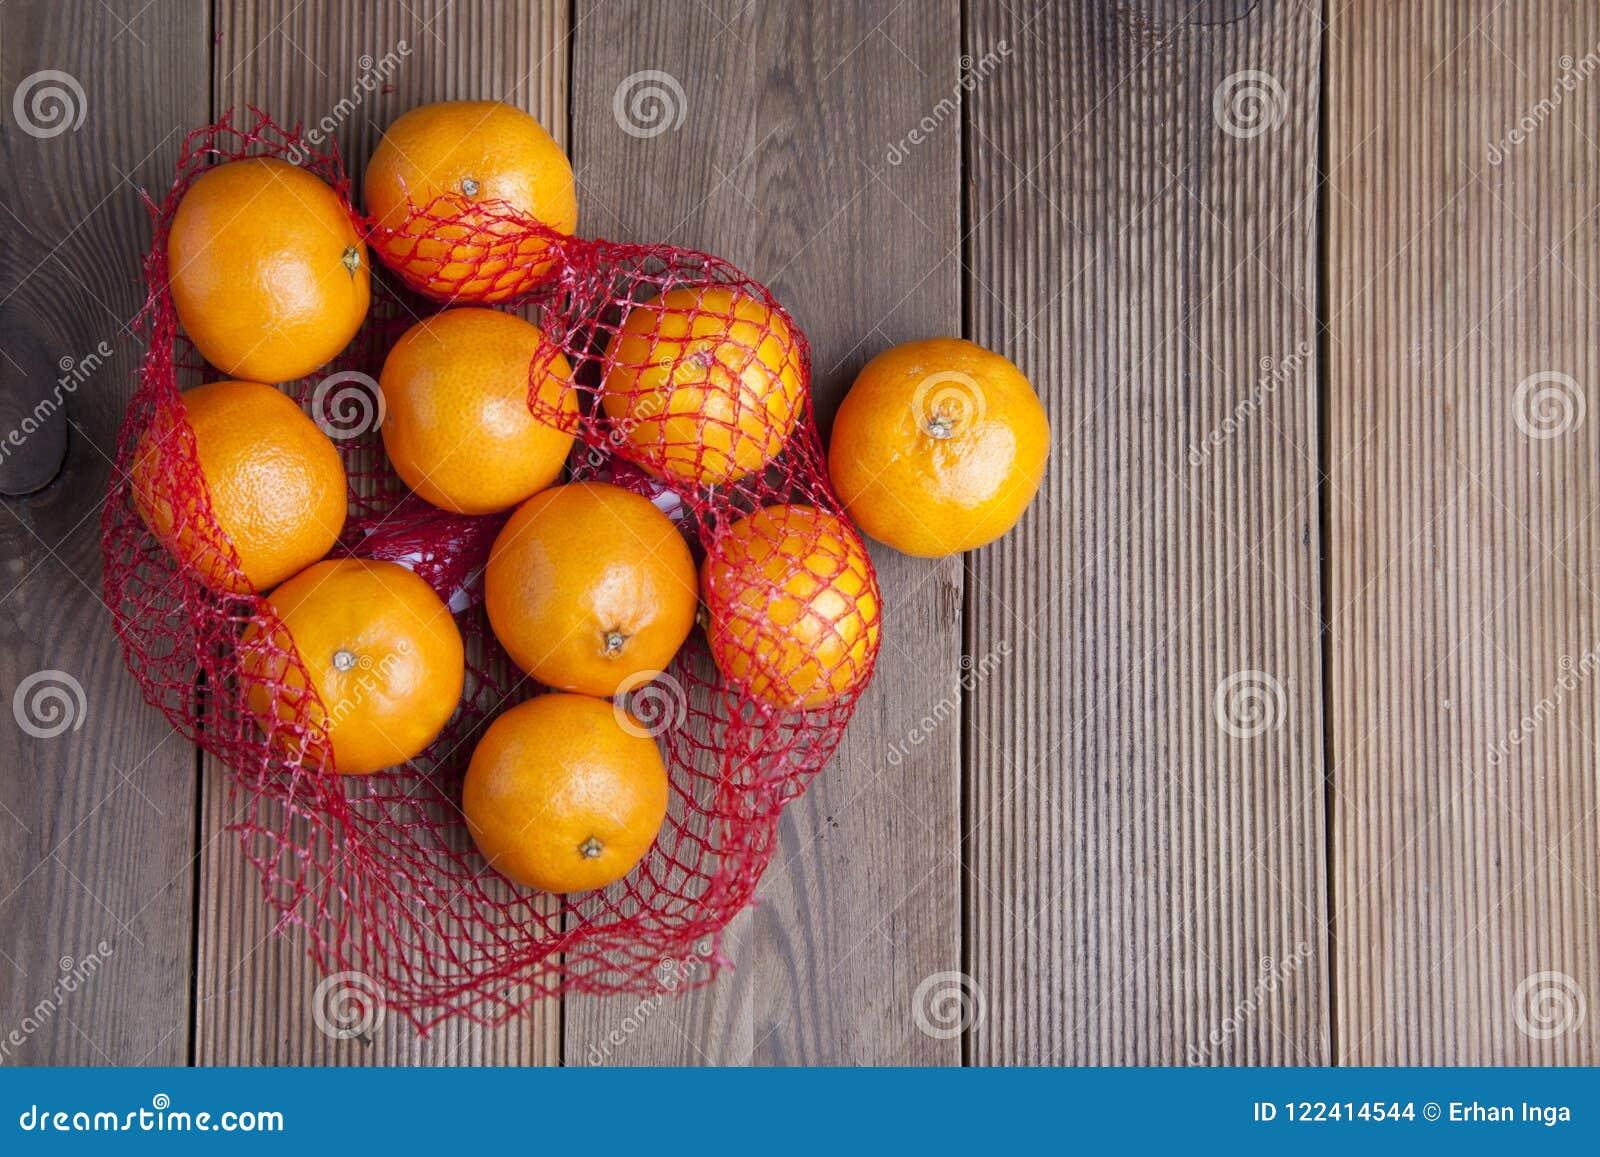 Citrusvruchtenmandarijn in Sinaasappelen in plastic netto zakpakket Geen plastic concept Verpakkend dat niet recycleert plastiek